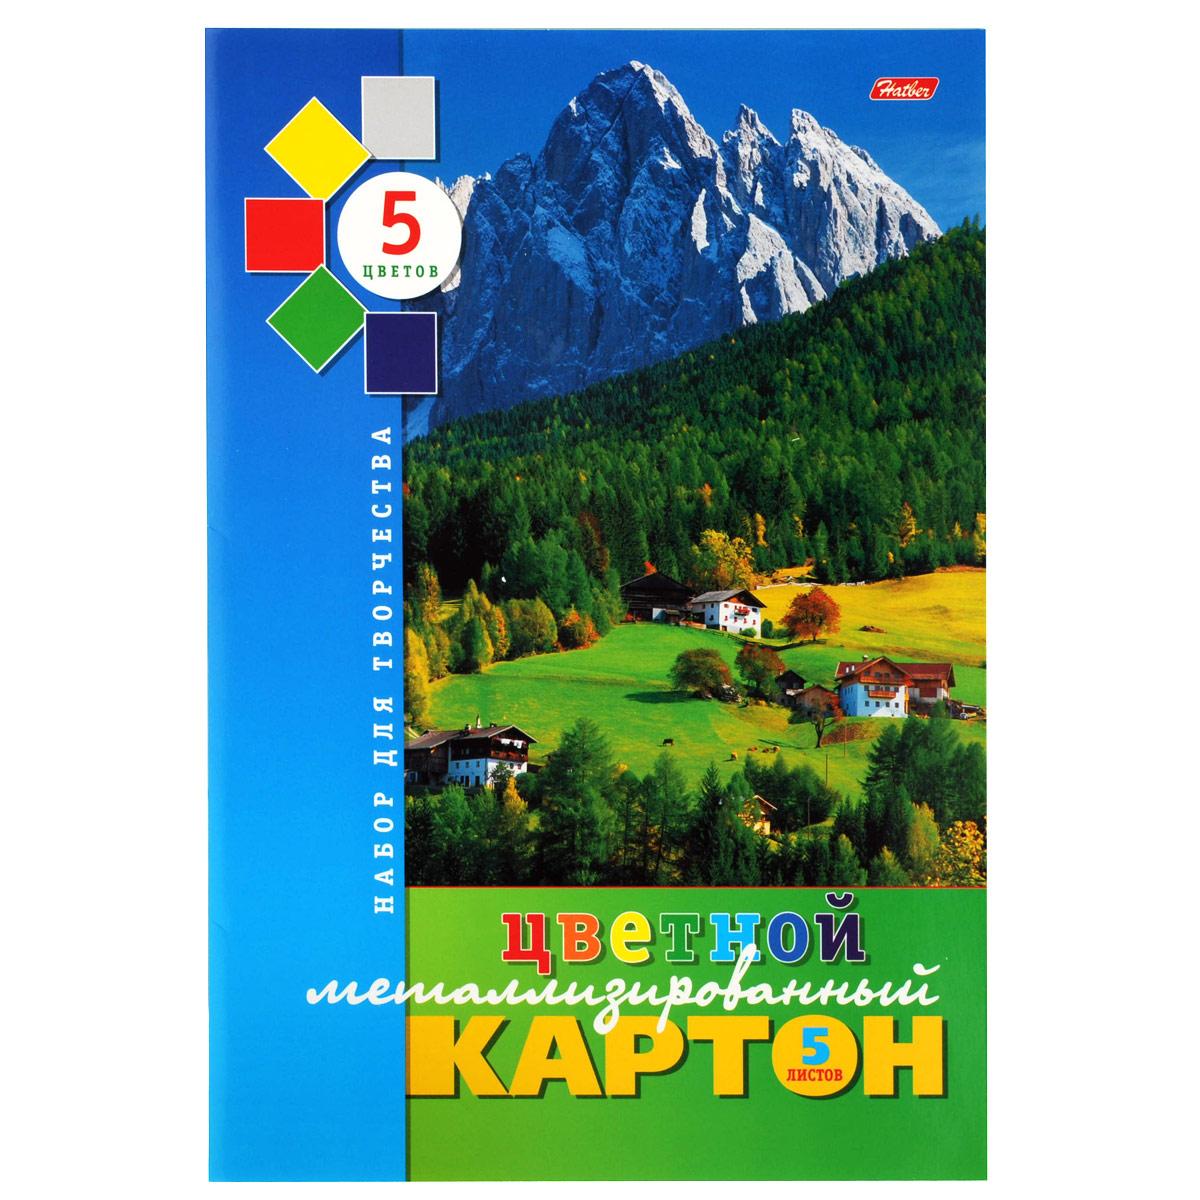 Цветной картон Hatber Пейзаж, металлизированный, 5 листов silwerhof цветной картон гофрированный металлизированный 5 листов